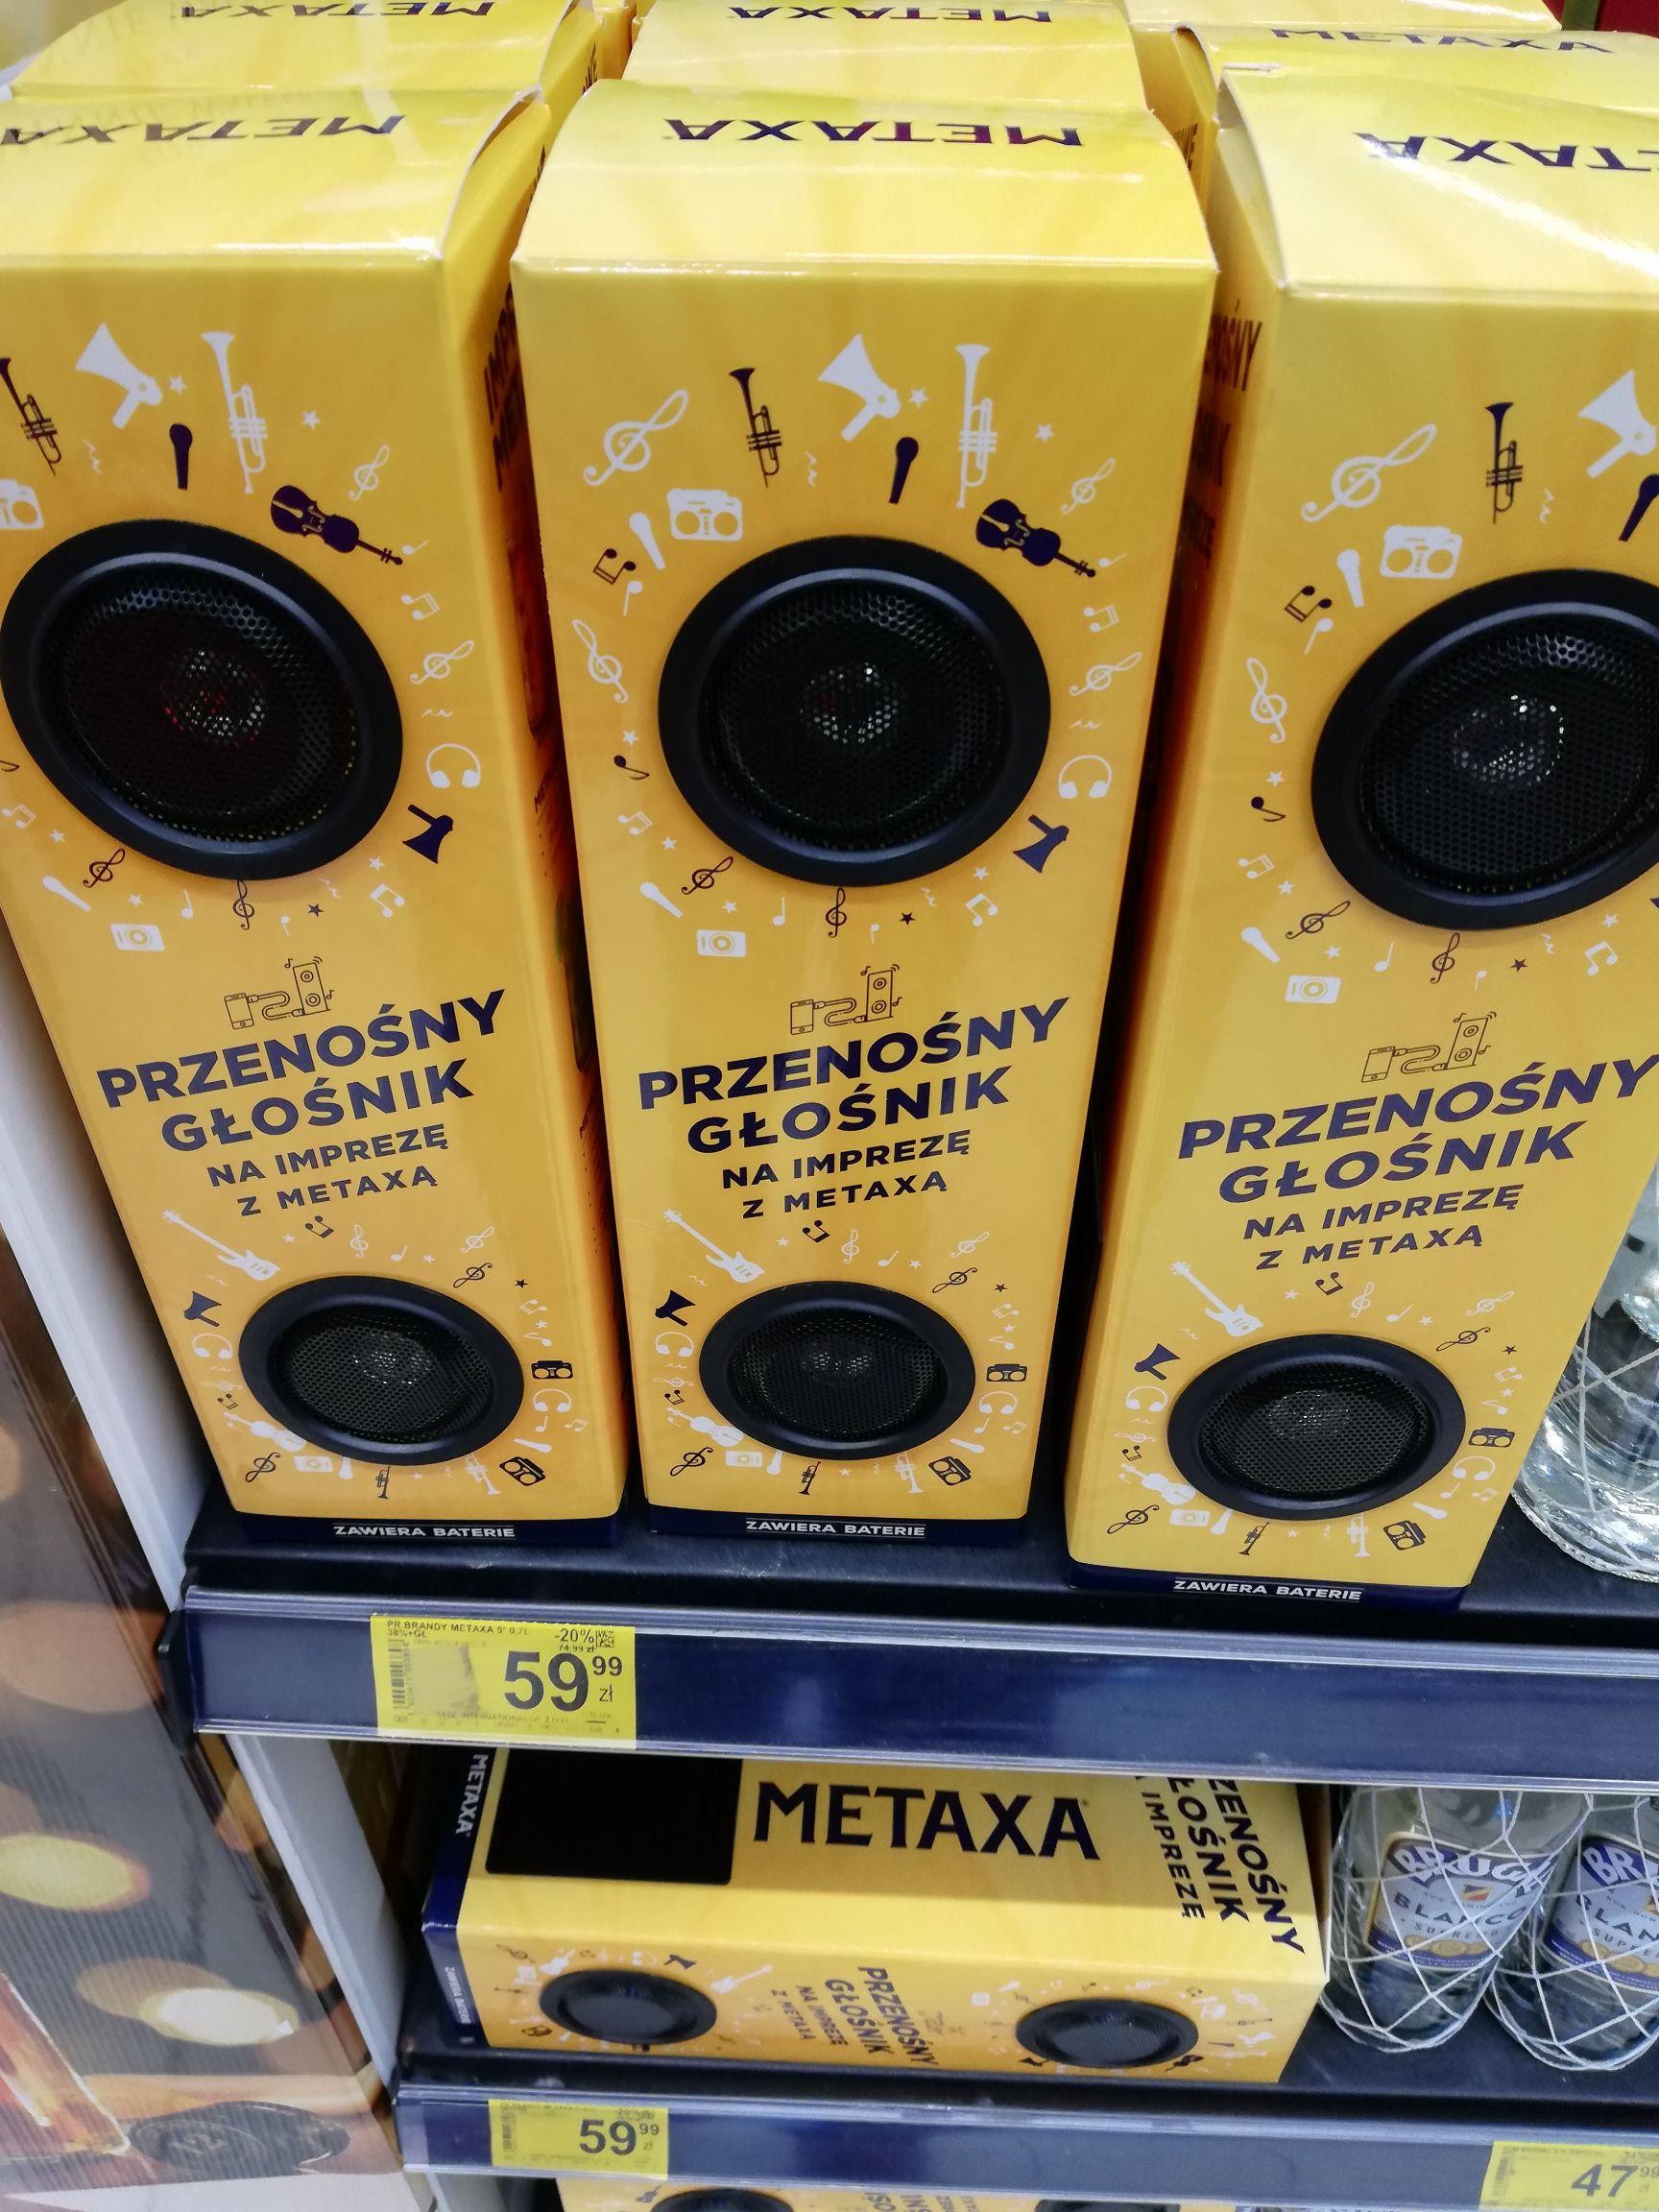 Metaxa 5* 0.7l z głośnikami imprezowymi w Carrefour w CH Targówek